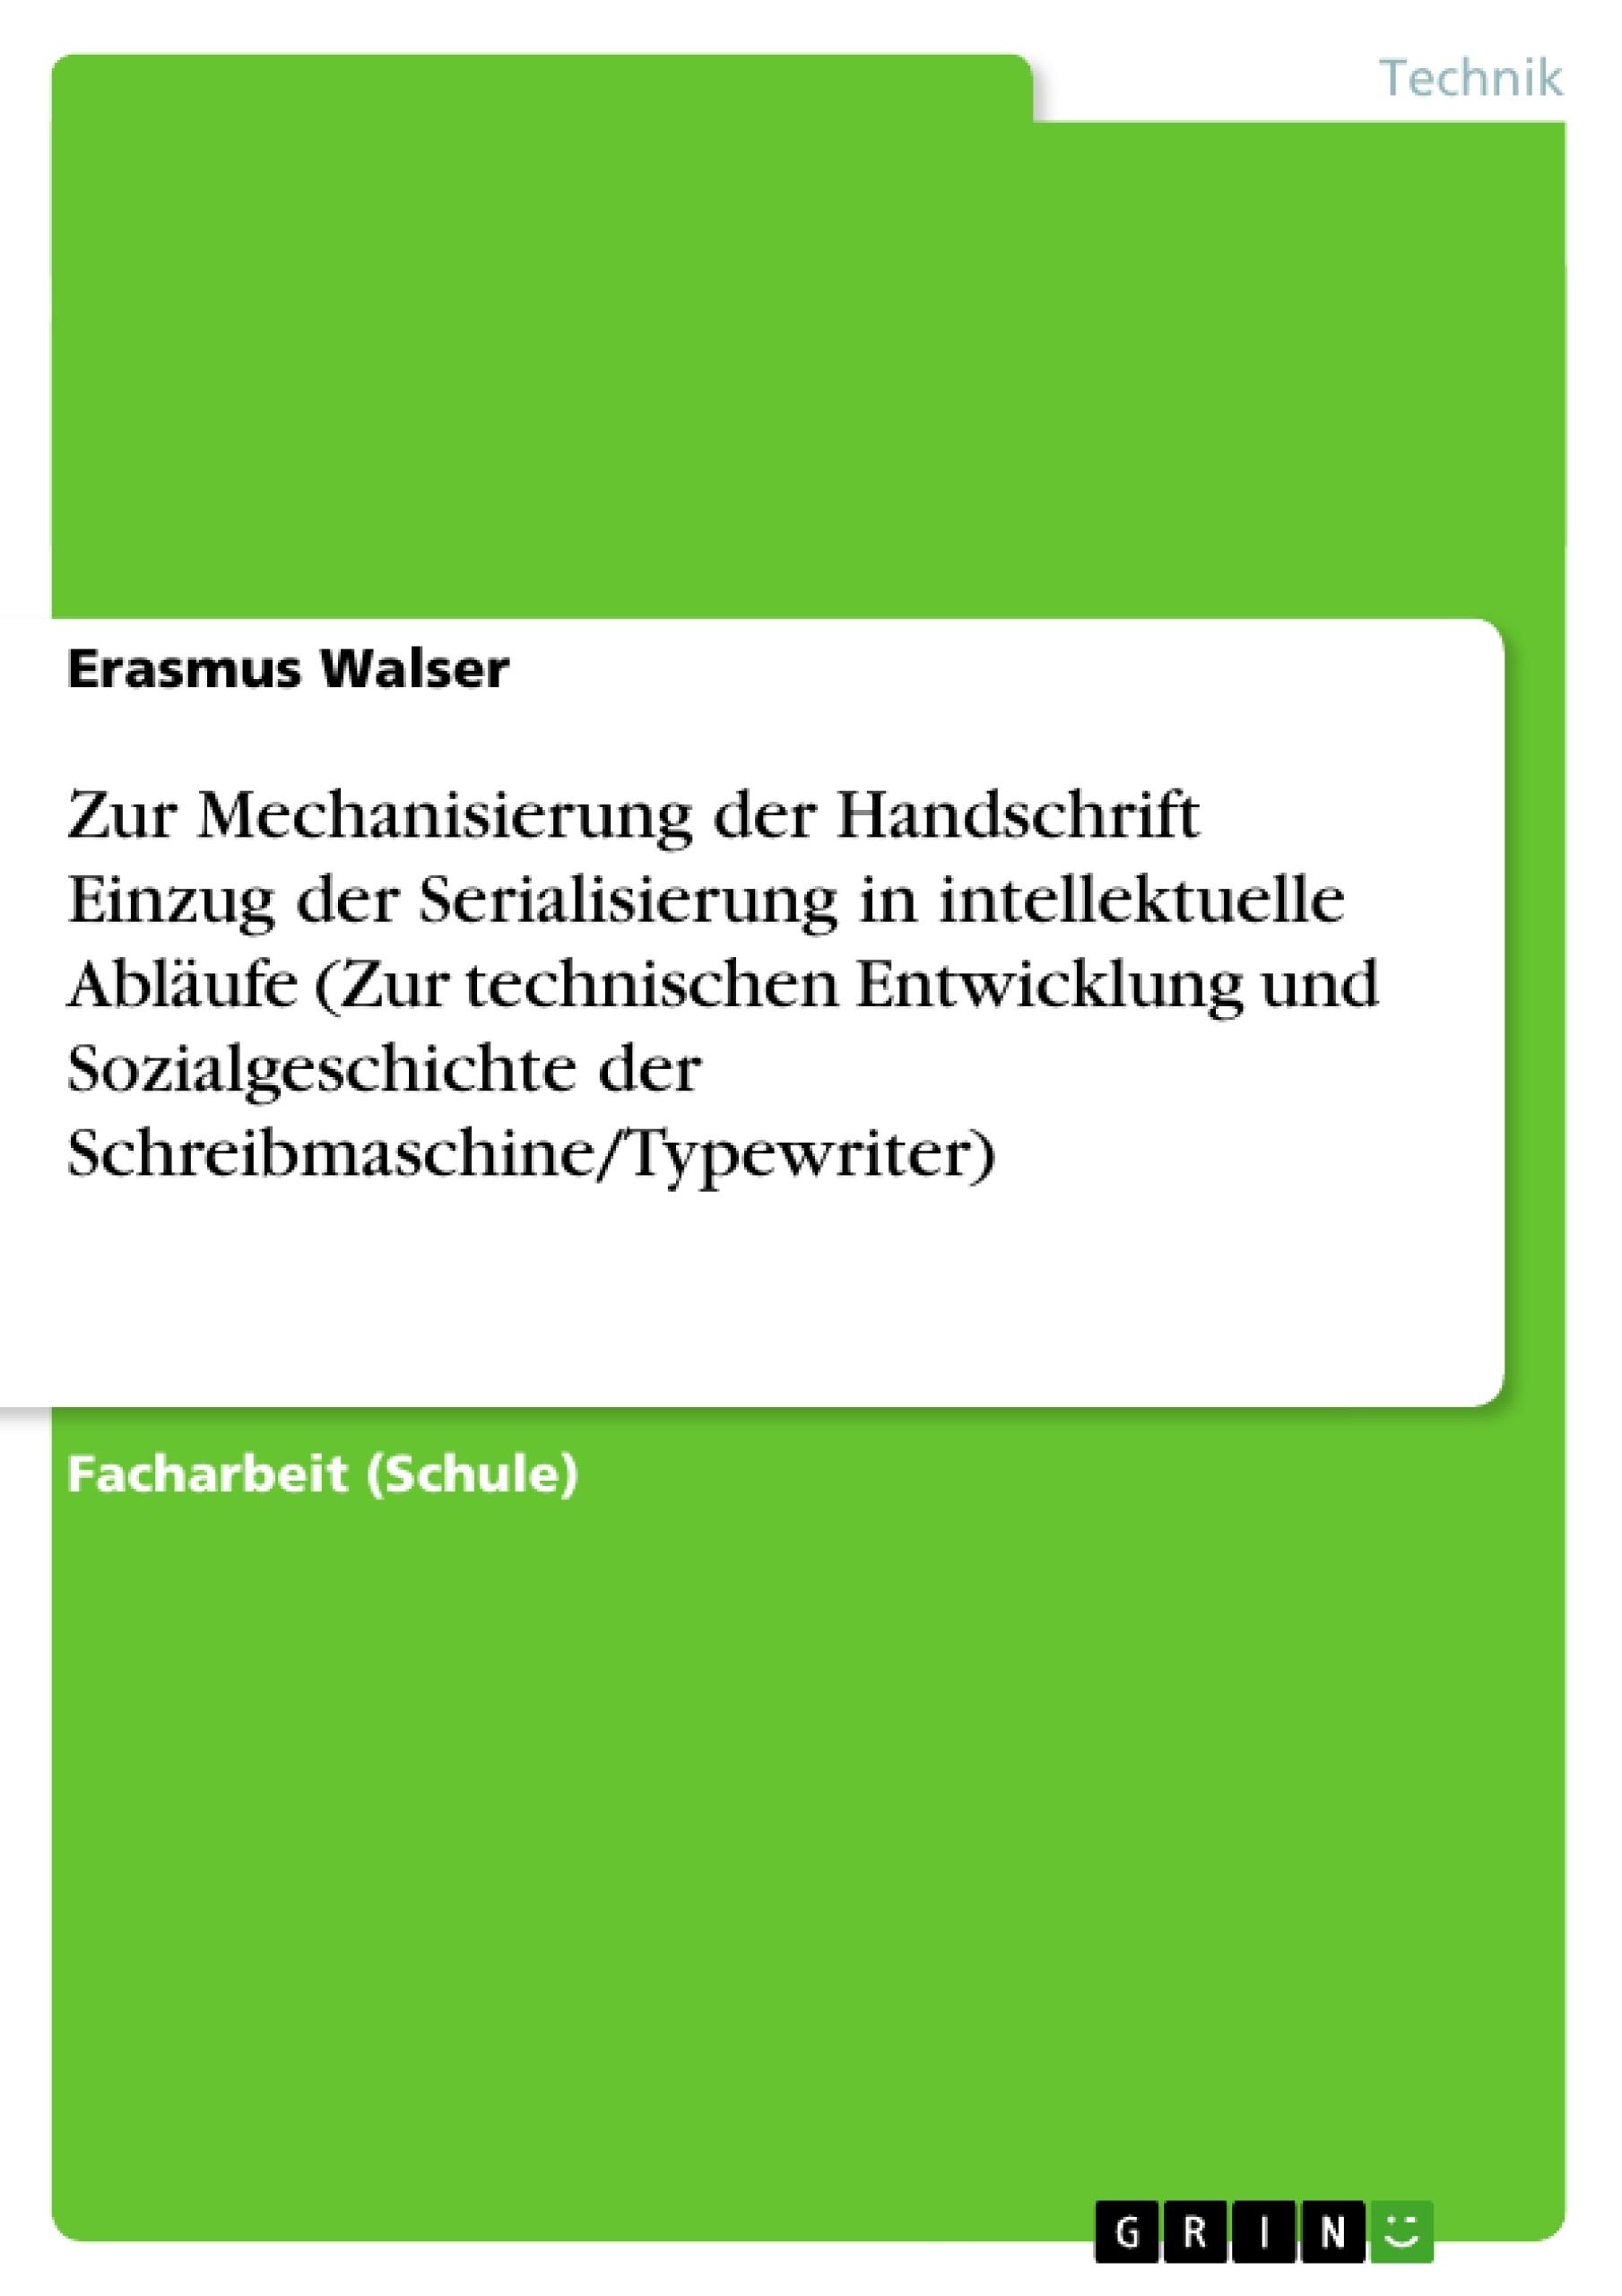 Titel: Zur Mechanisierung der Handschrift  Einzug der Serialisierung in intellektuelle Abläufe (Zur technischen Entwicklung und Sozialgeschichte der Schreibmaschine/Typewriter)